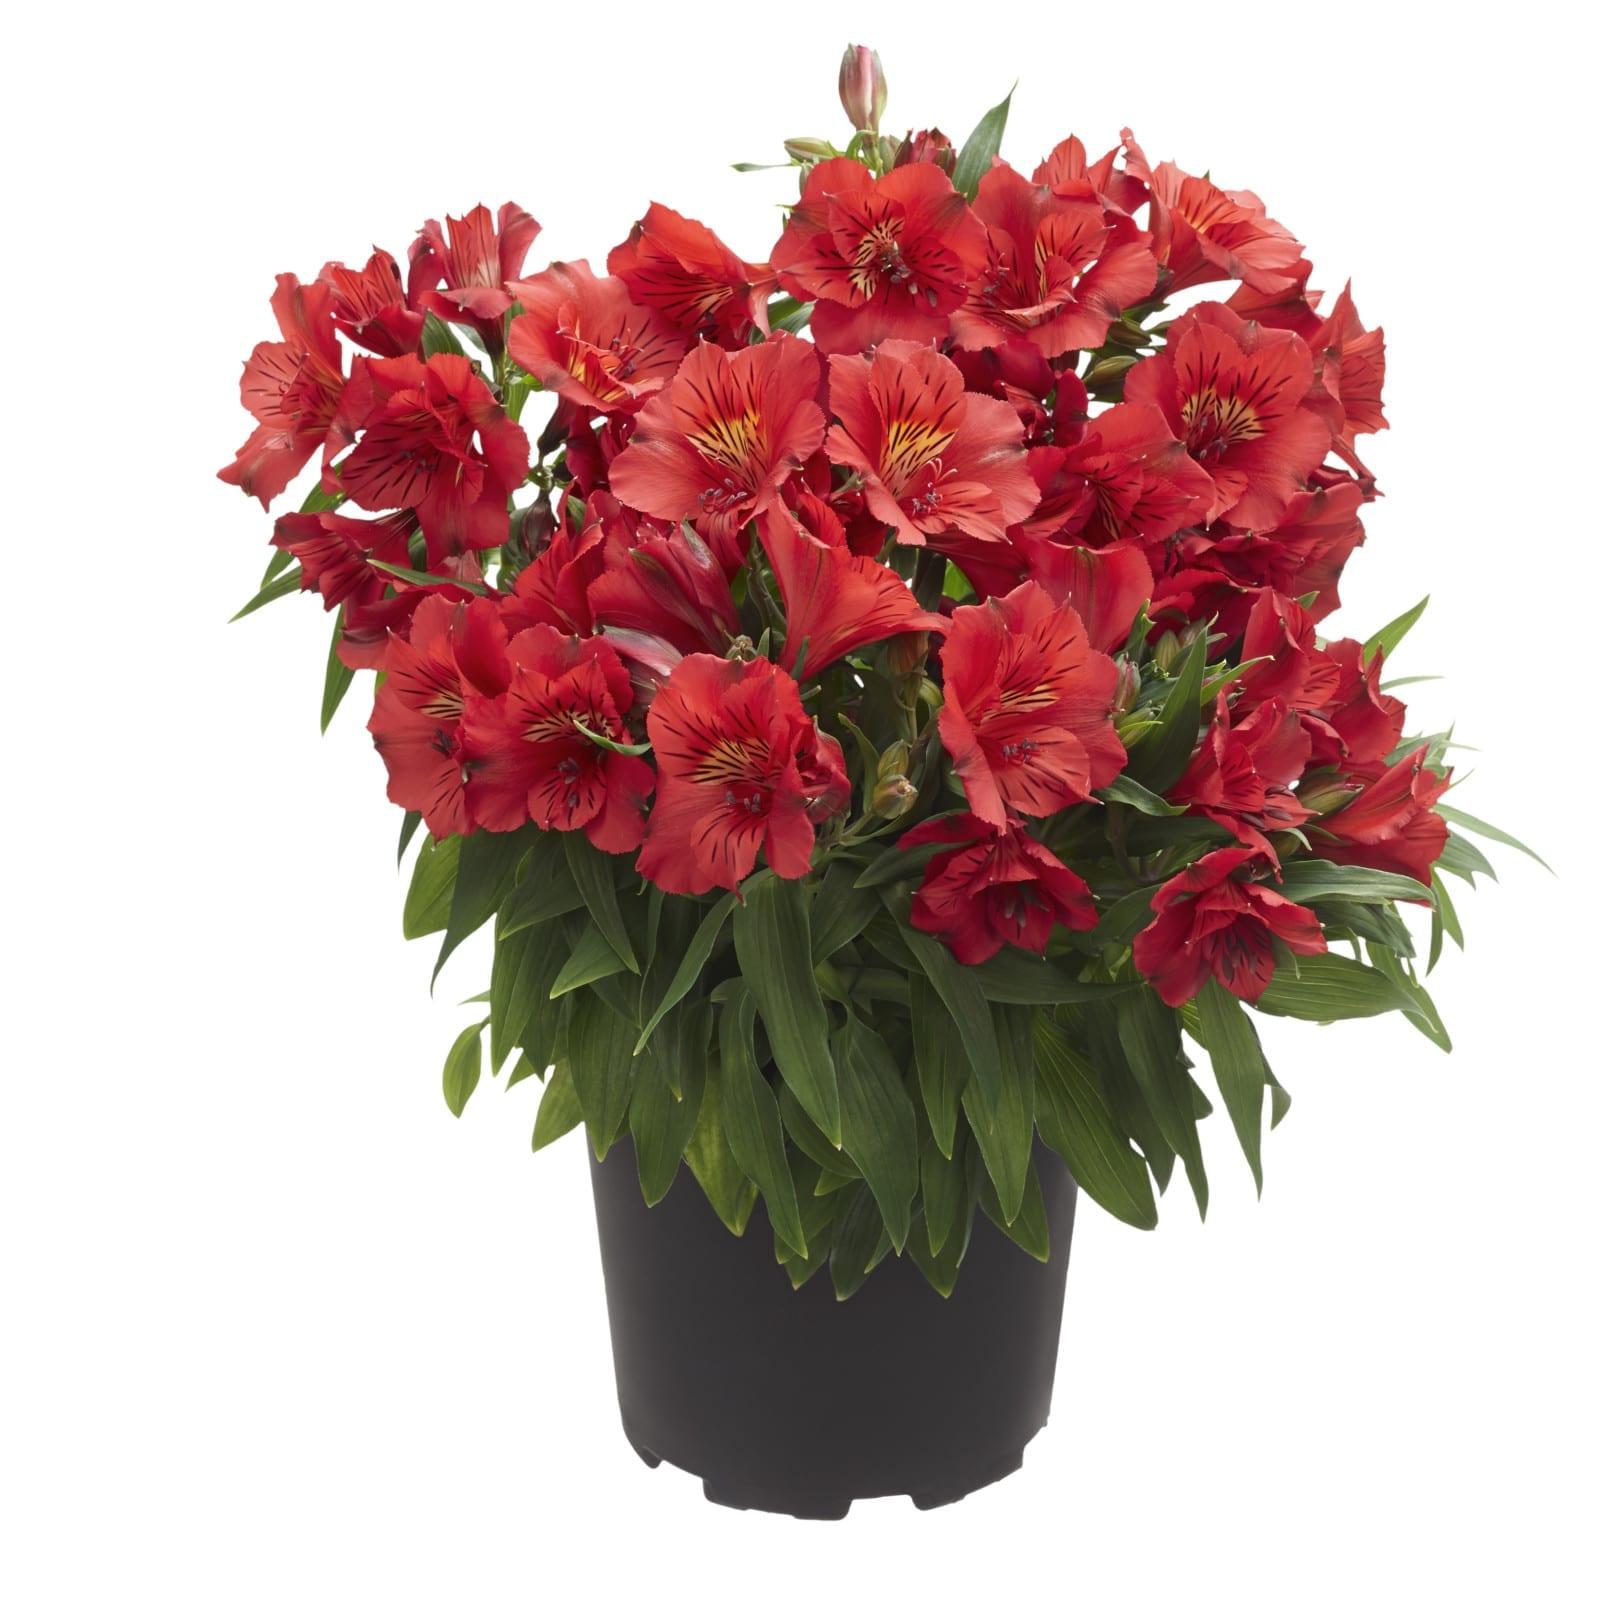 Цветы доставкой, цветок альстромерия где купить